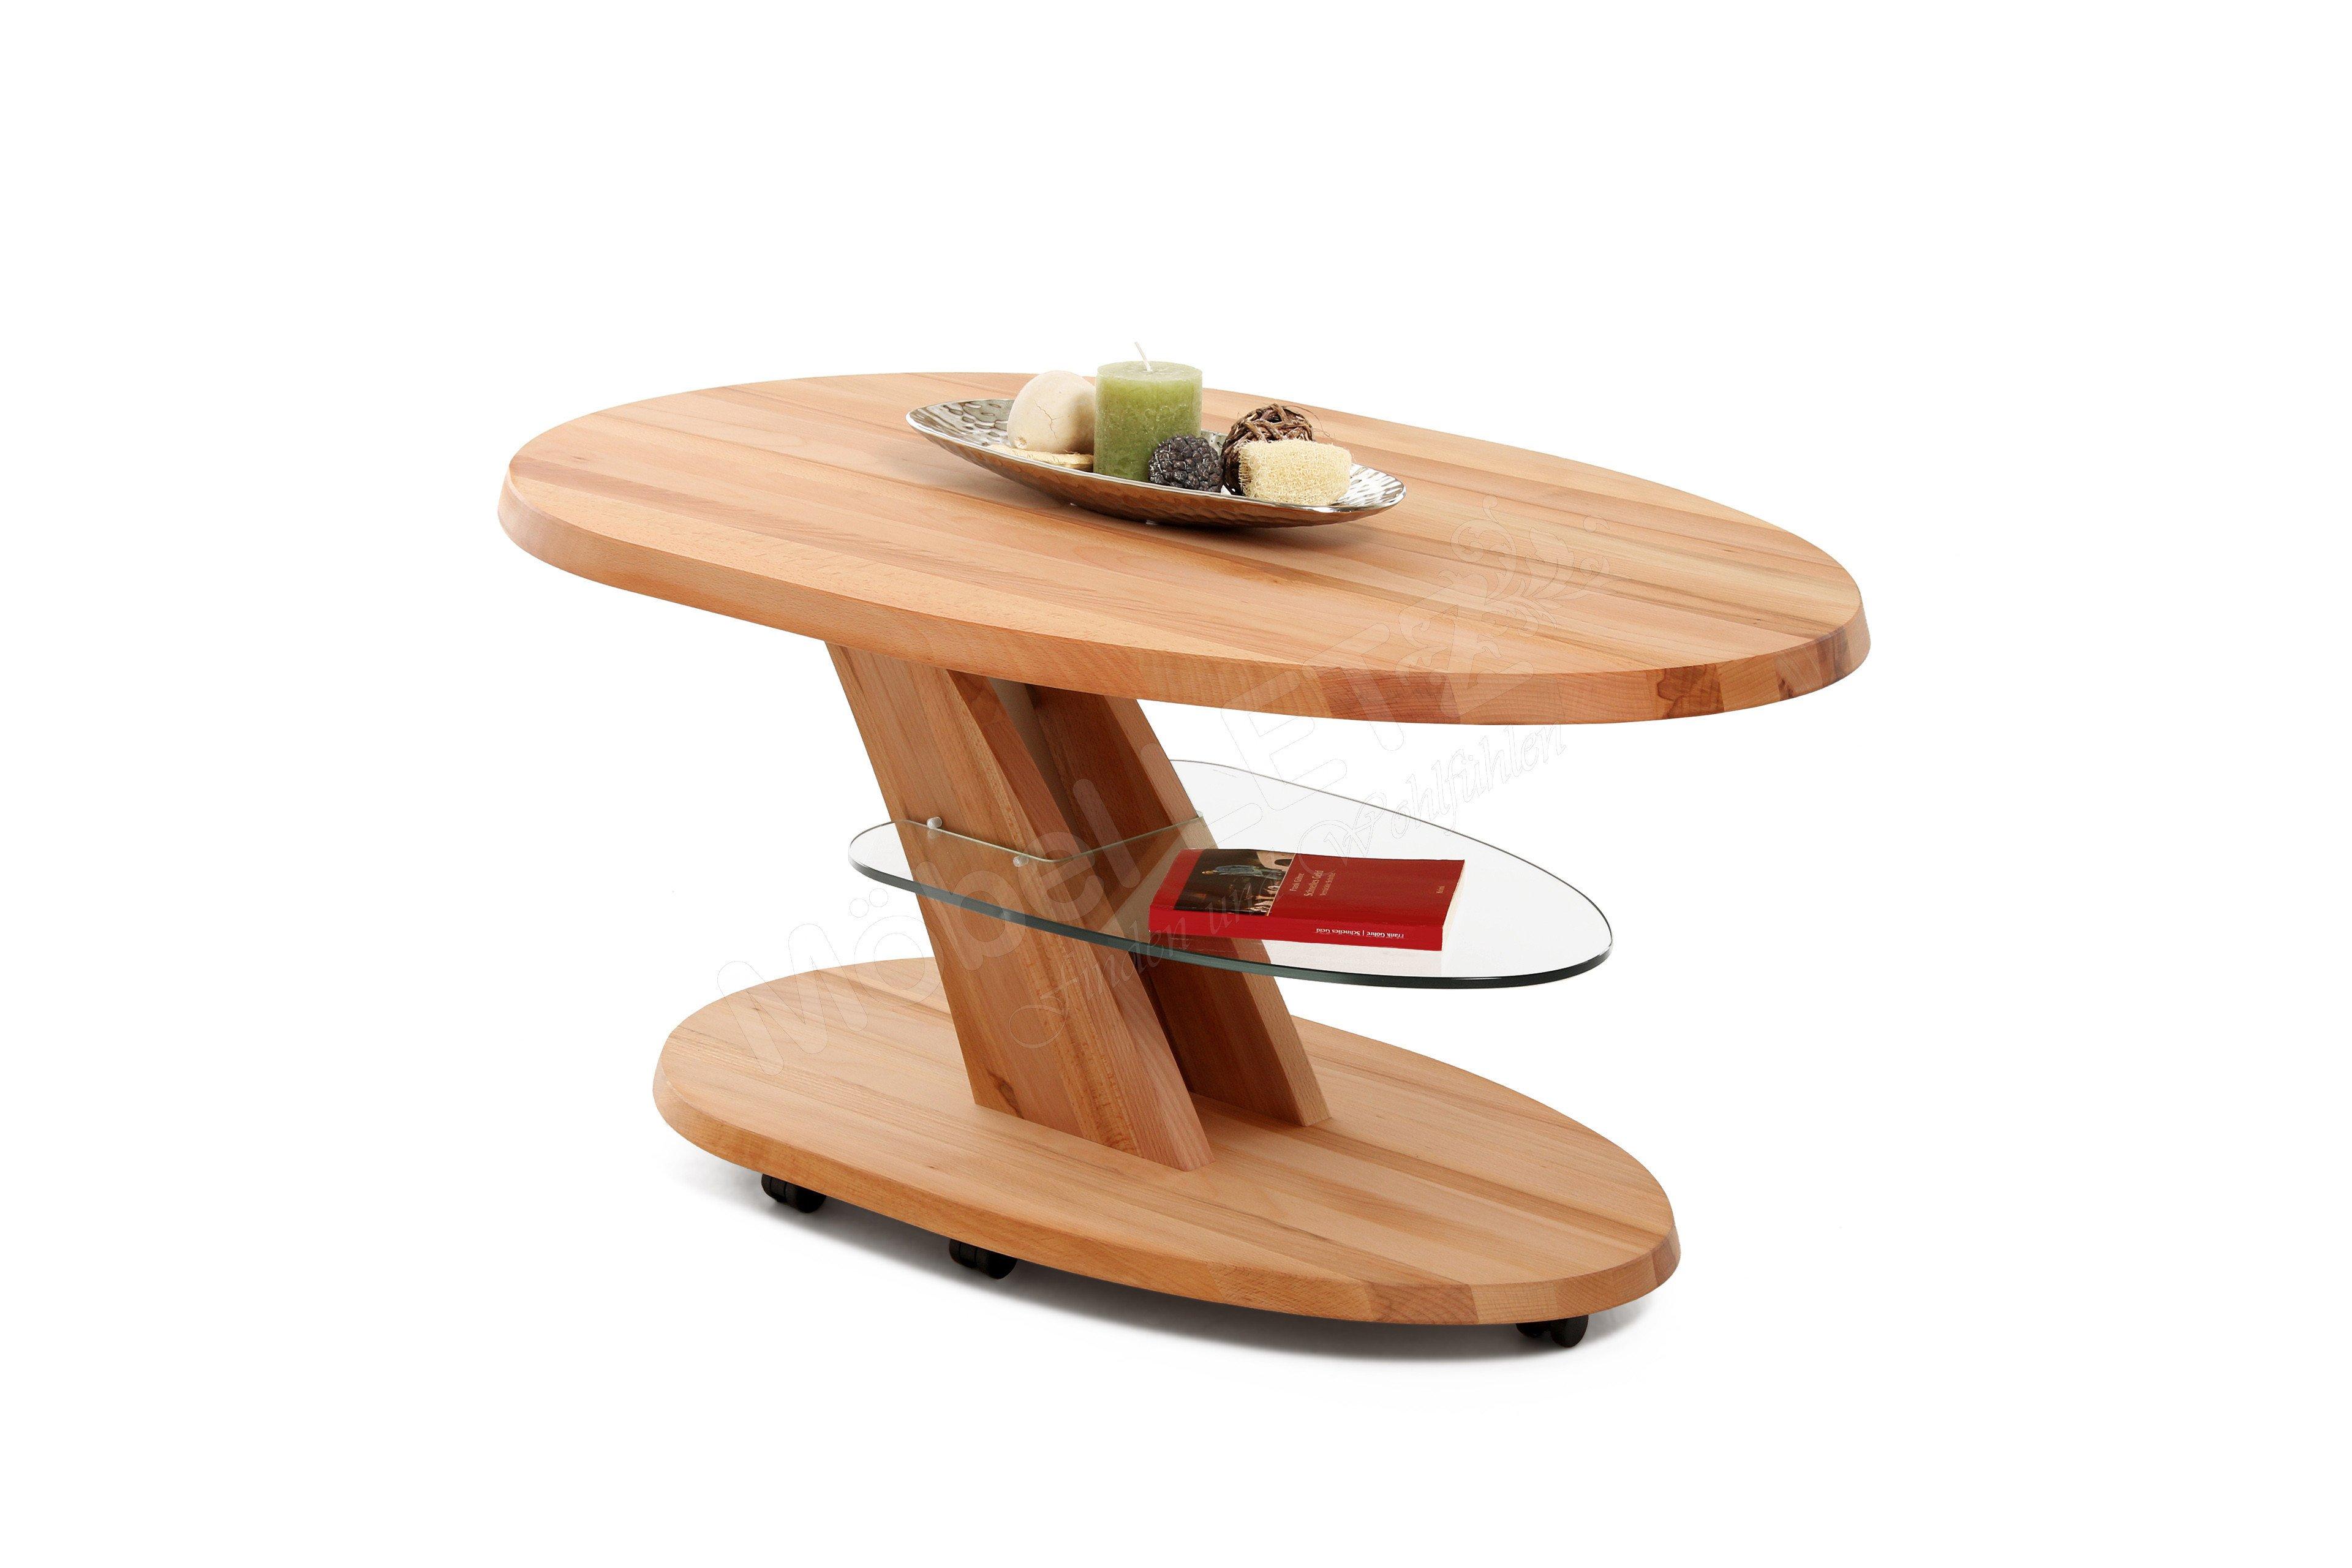 vierhaus couchtisch 4328 kbux kernbuche m bel letz ihr online shop. Black Bedroom Furniture Sets. Home Design Ideas